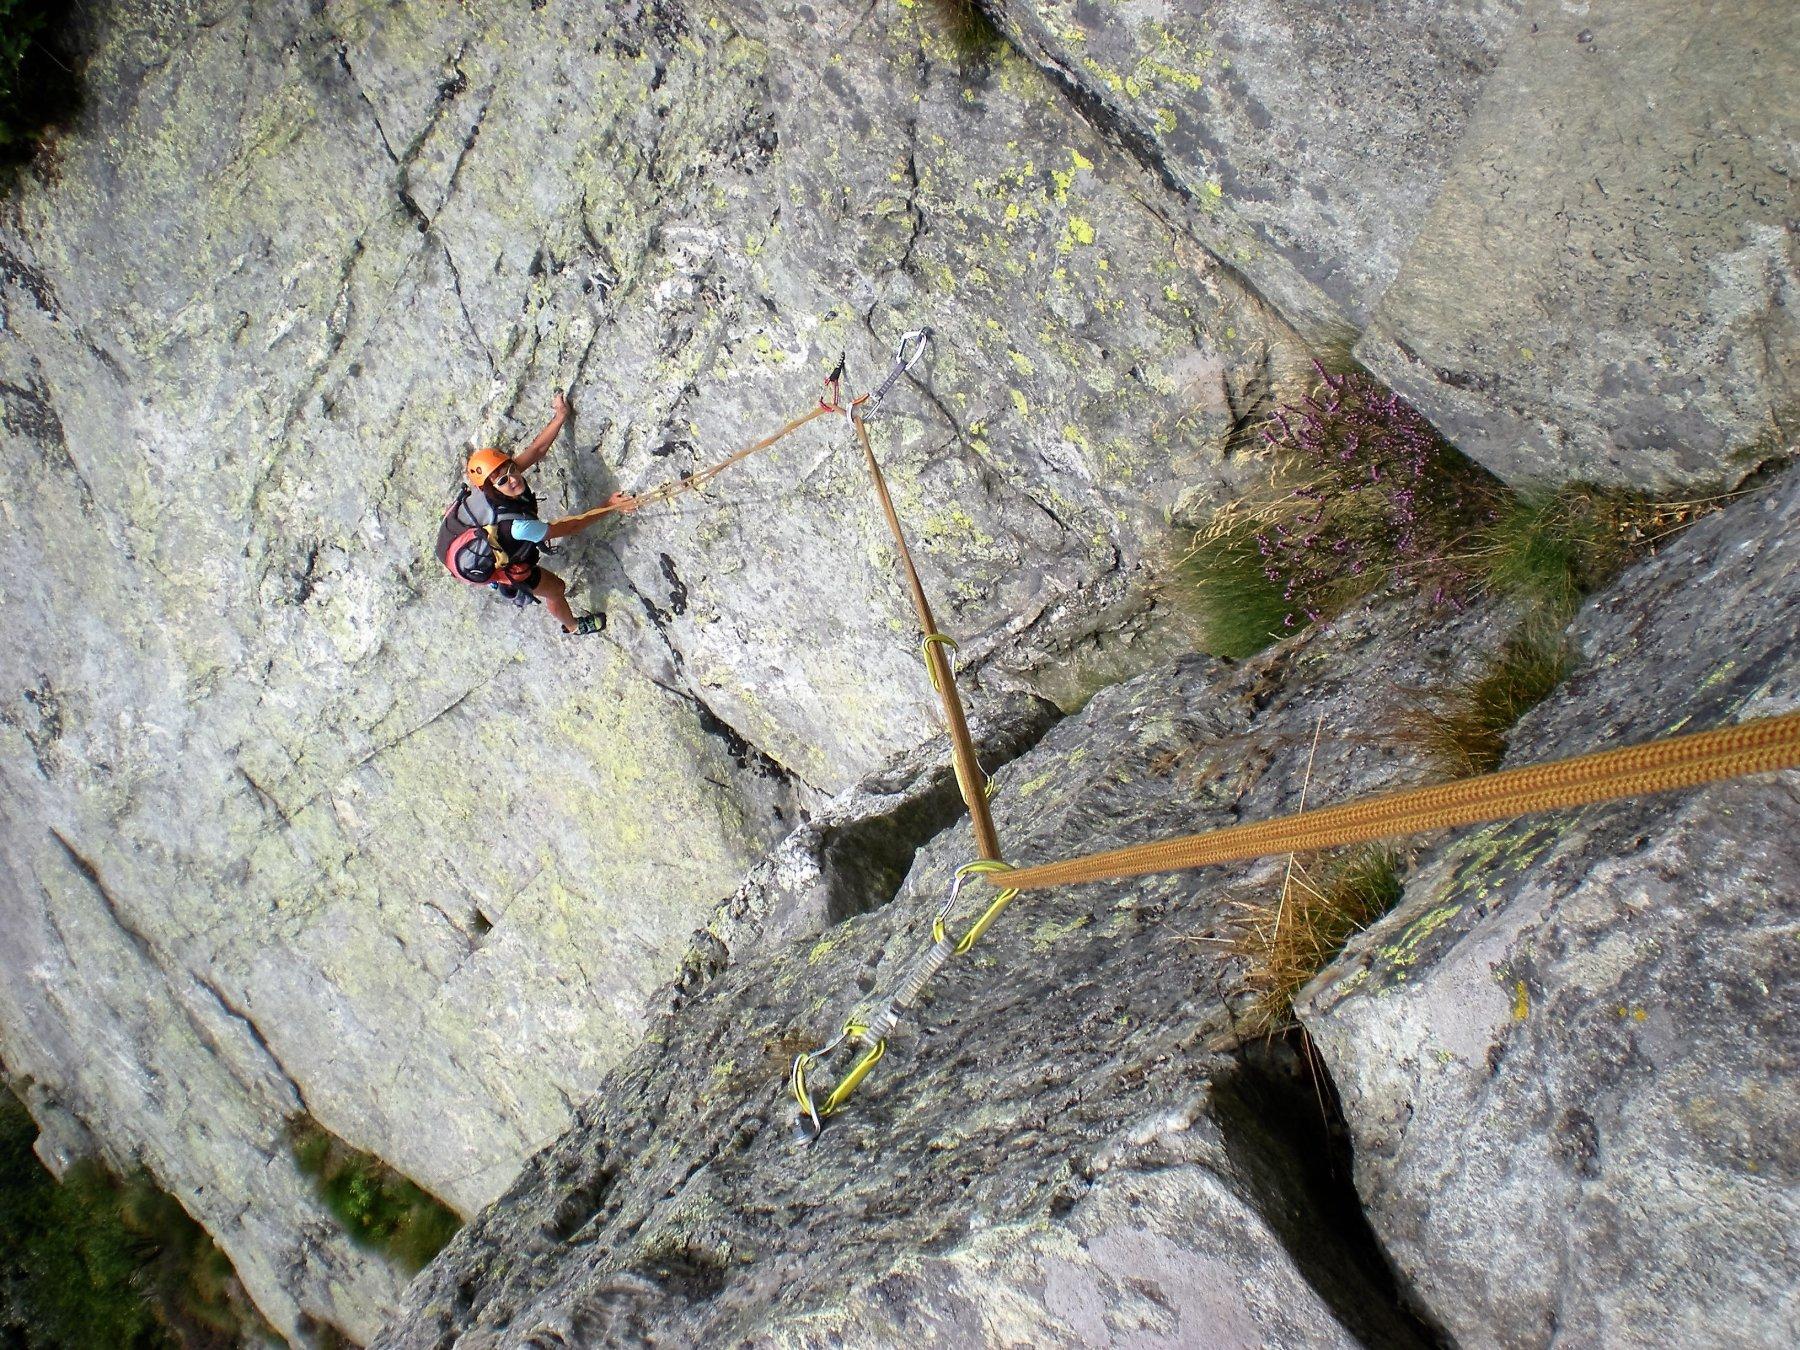 Oriana (Placche di) - Settore Destro Via degli scialpinisti 2016-09-04